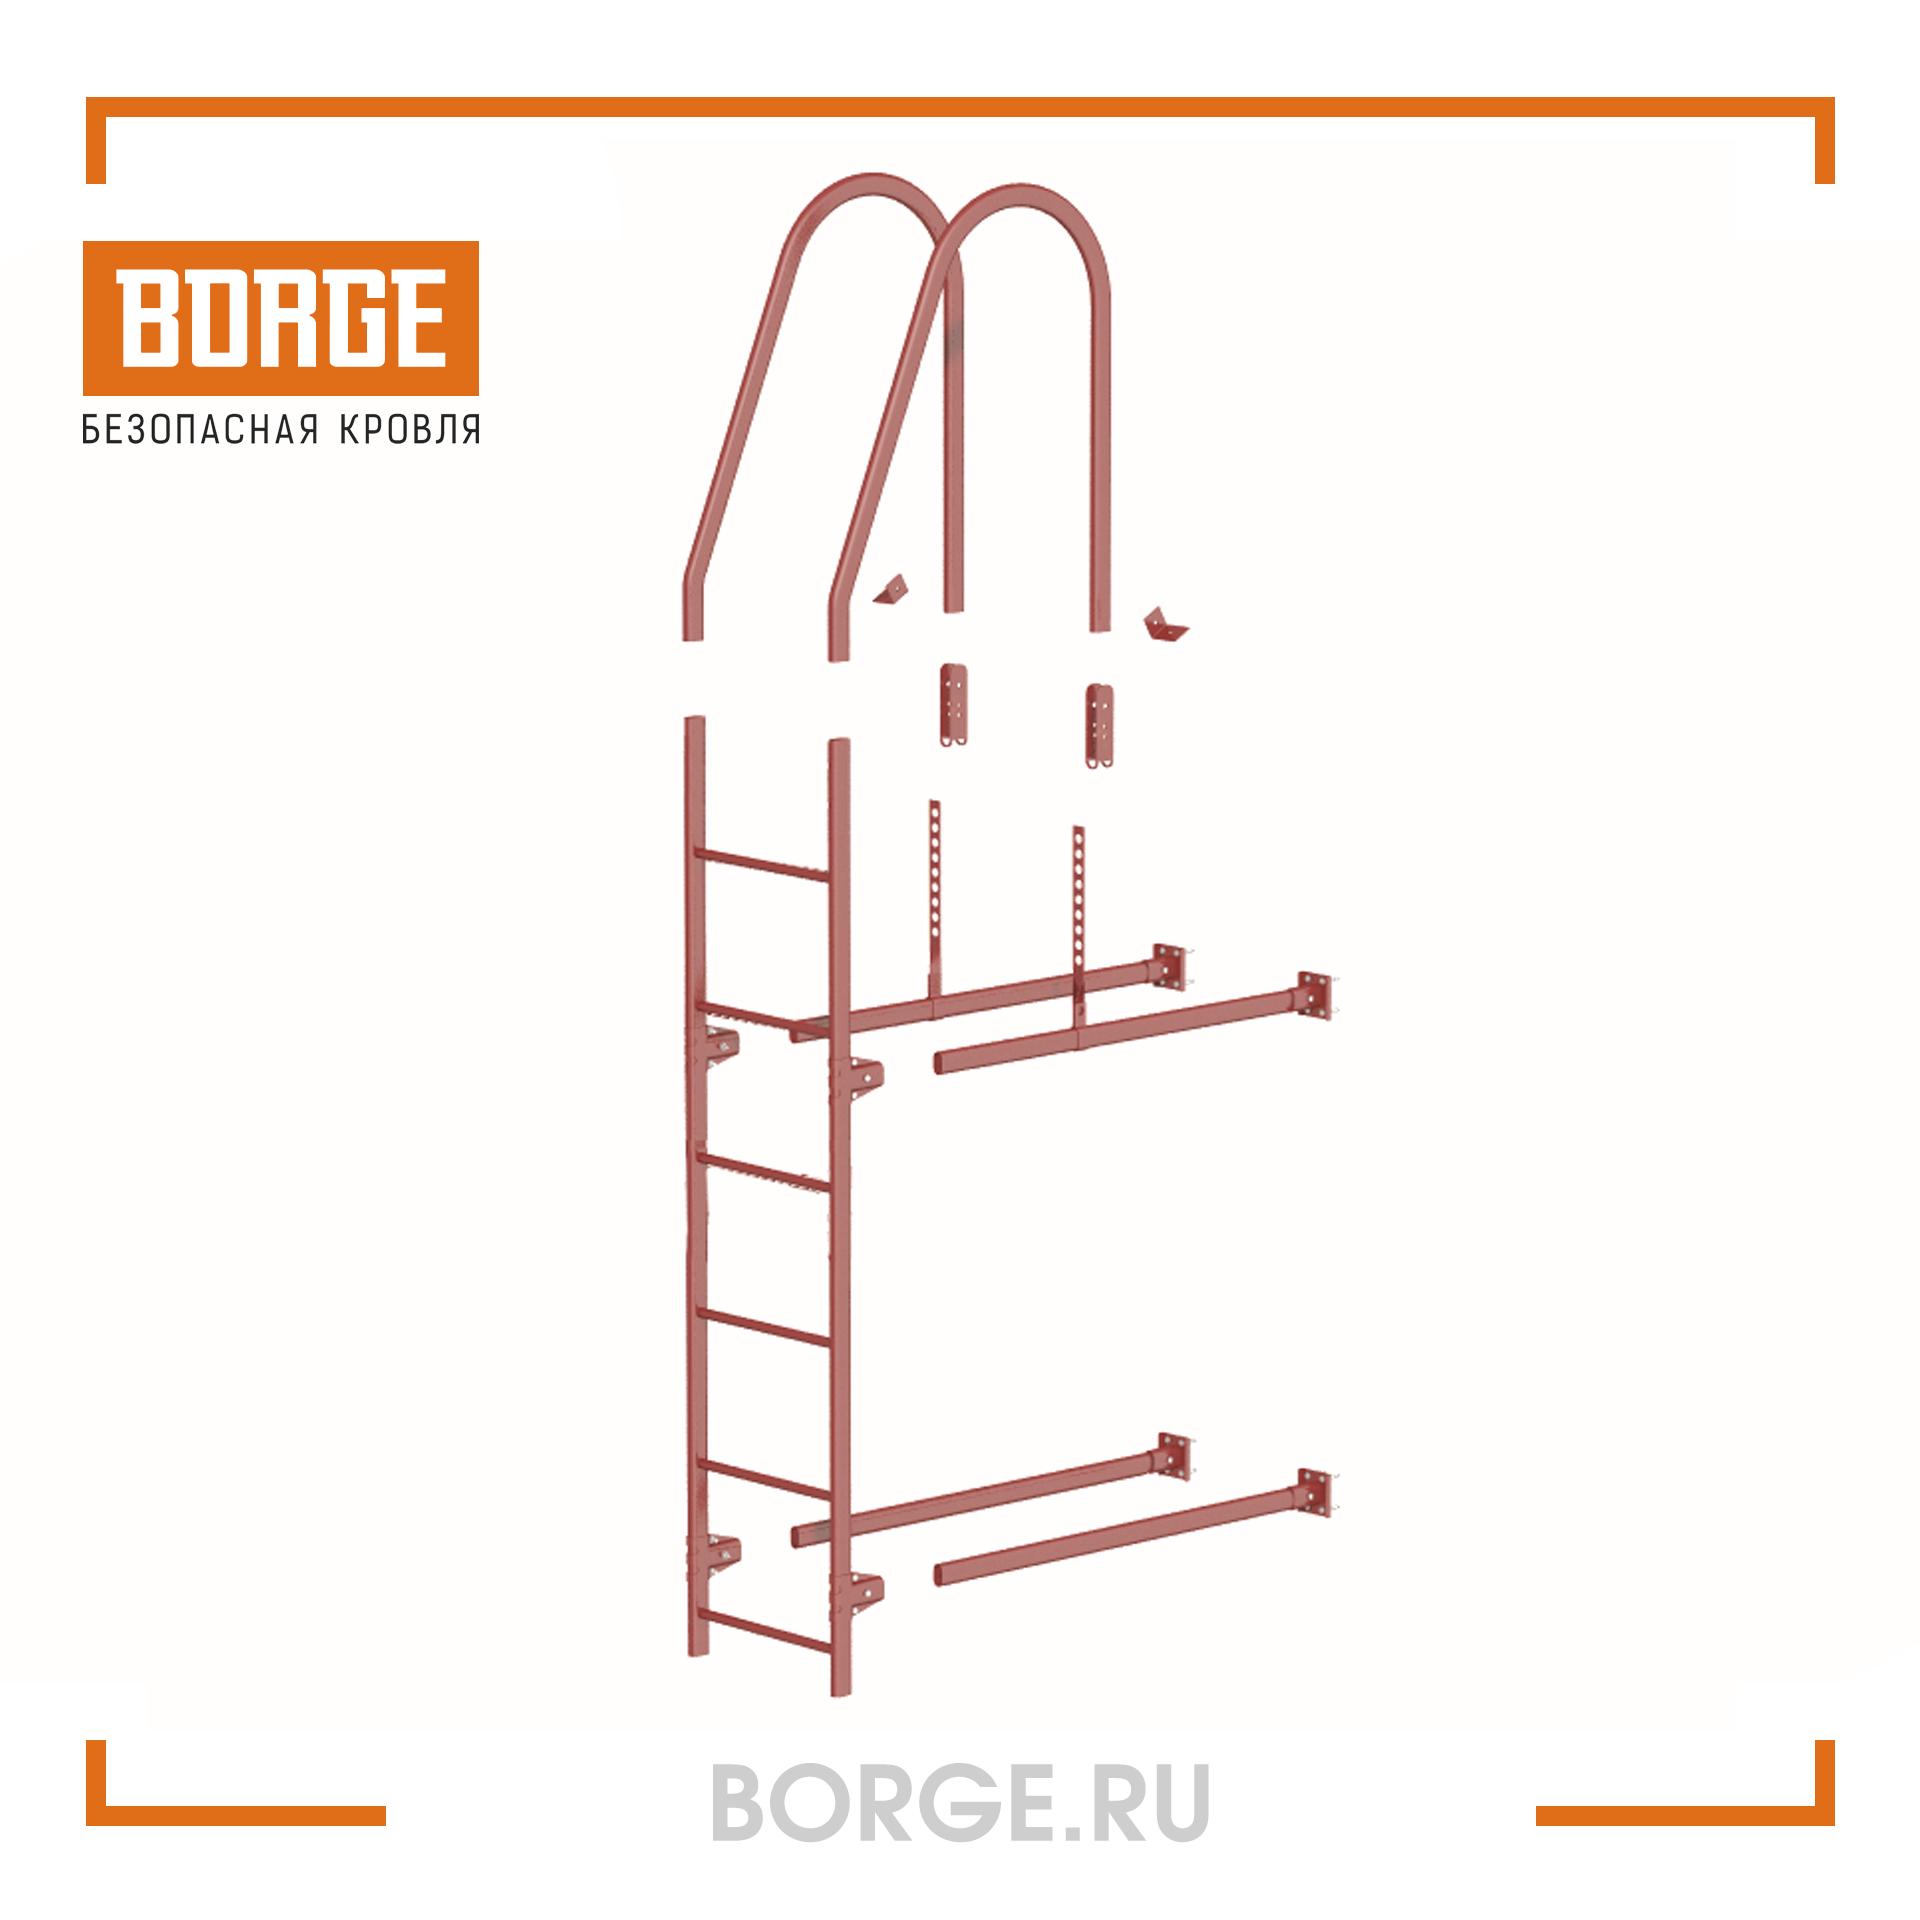 Фасадная лестница BORGE верхняя секция